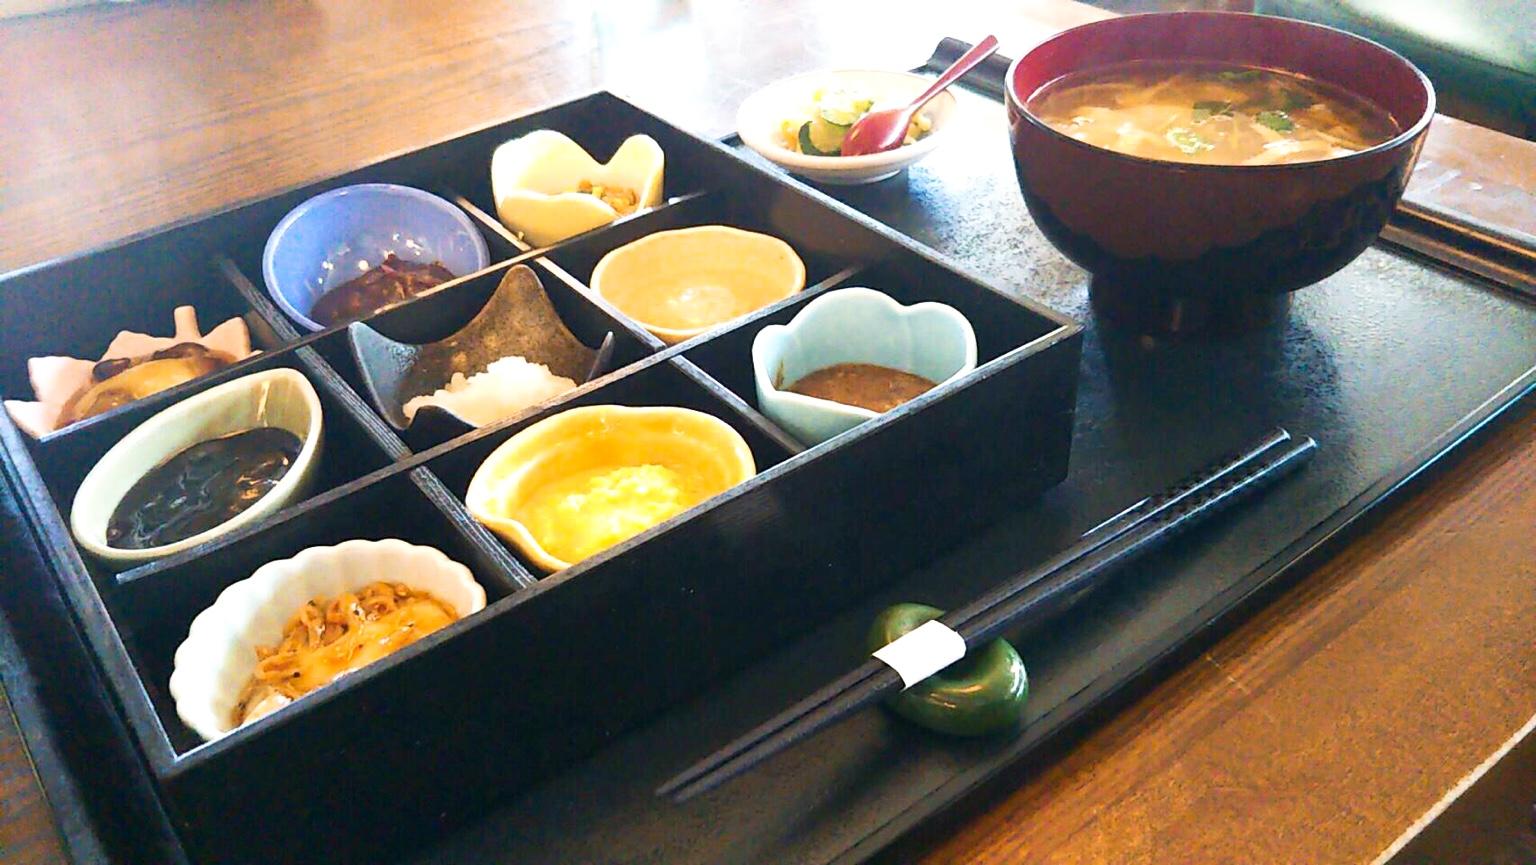 ふじせいの「ひと口もち膳」!岩手県一関市のレストラン